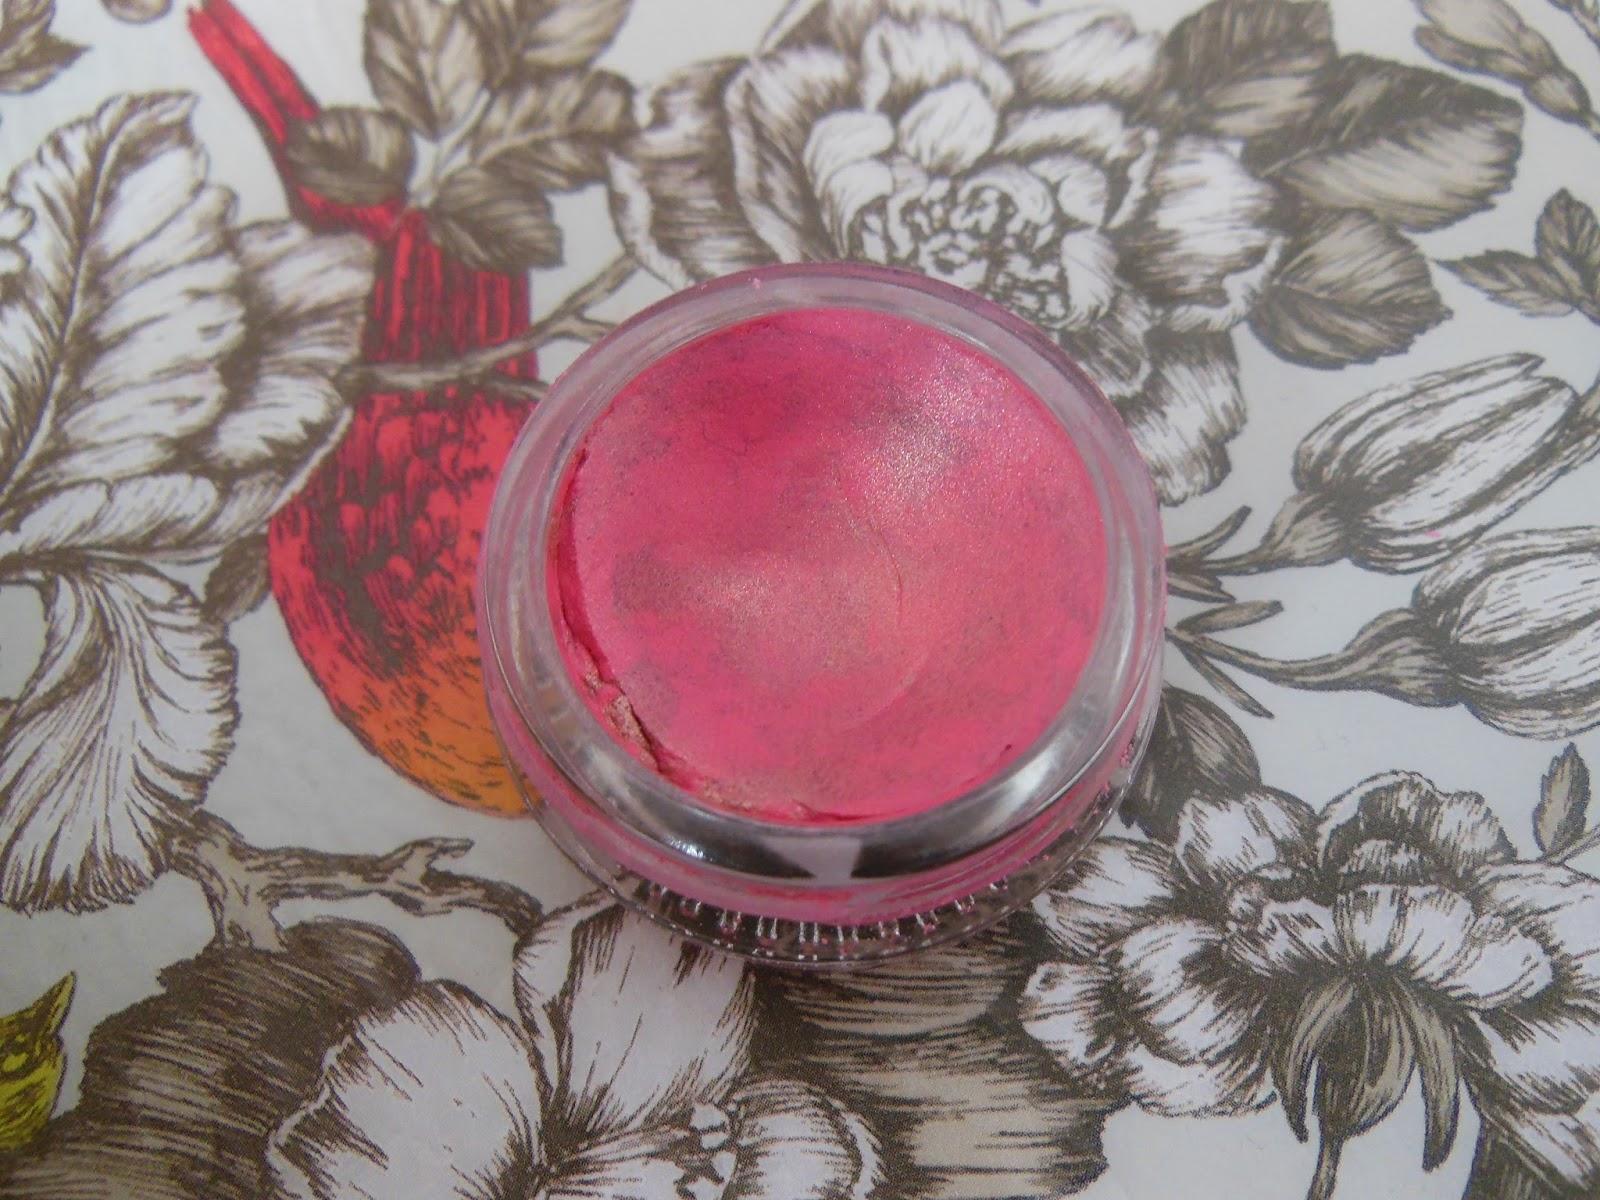 Becca Beach Tint Shimmer Souffle Lychee Opal